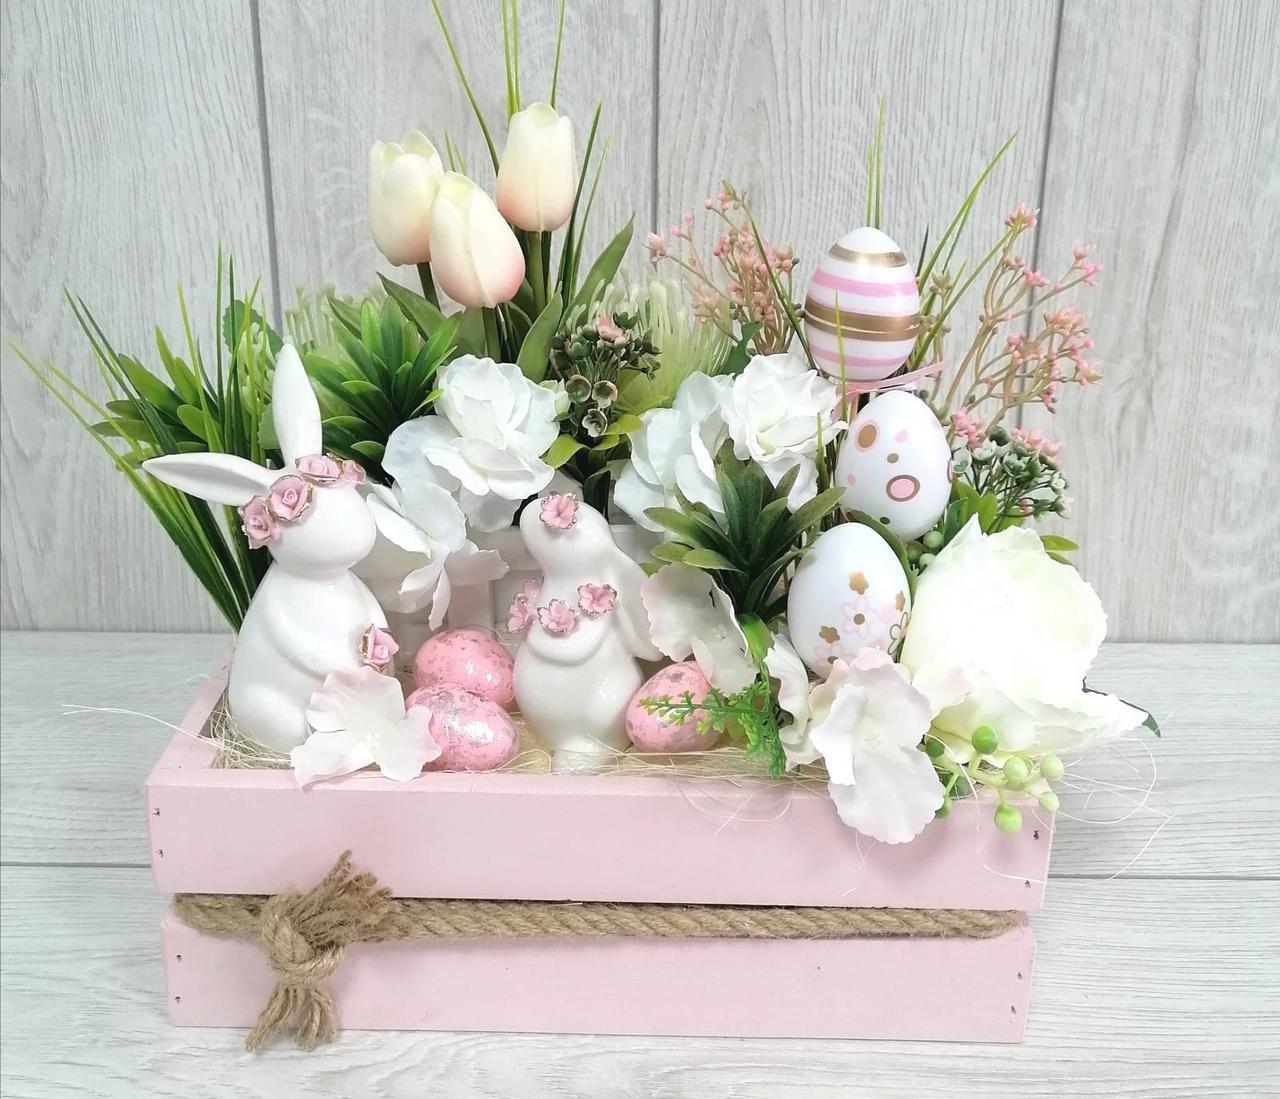 Великодня композиція в дерев'яному ящику з двома зайчатами